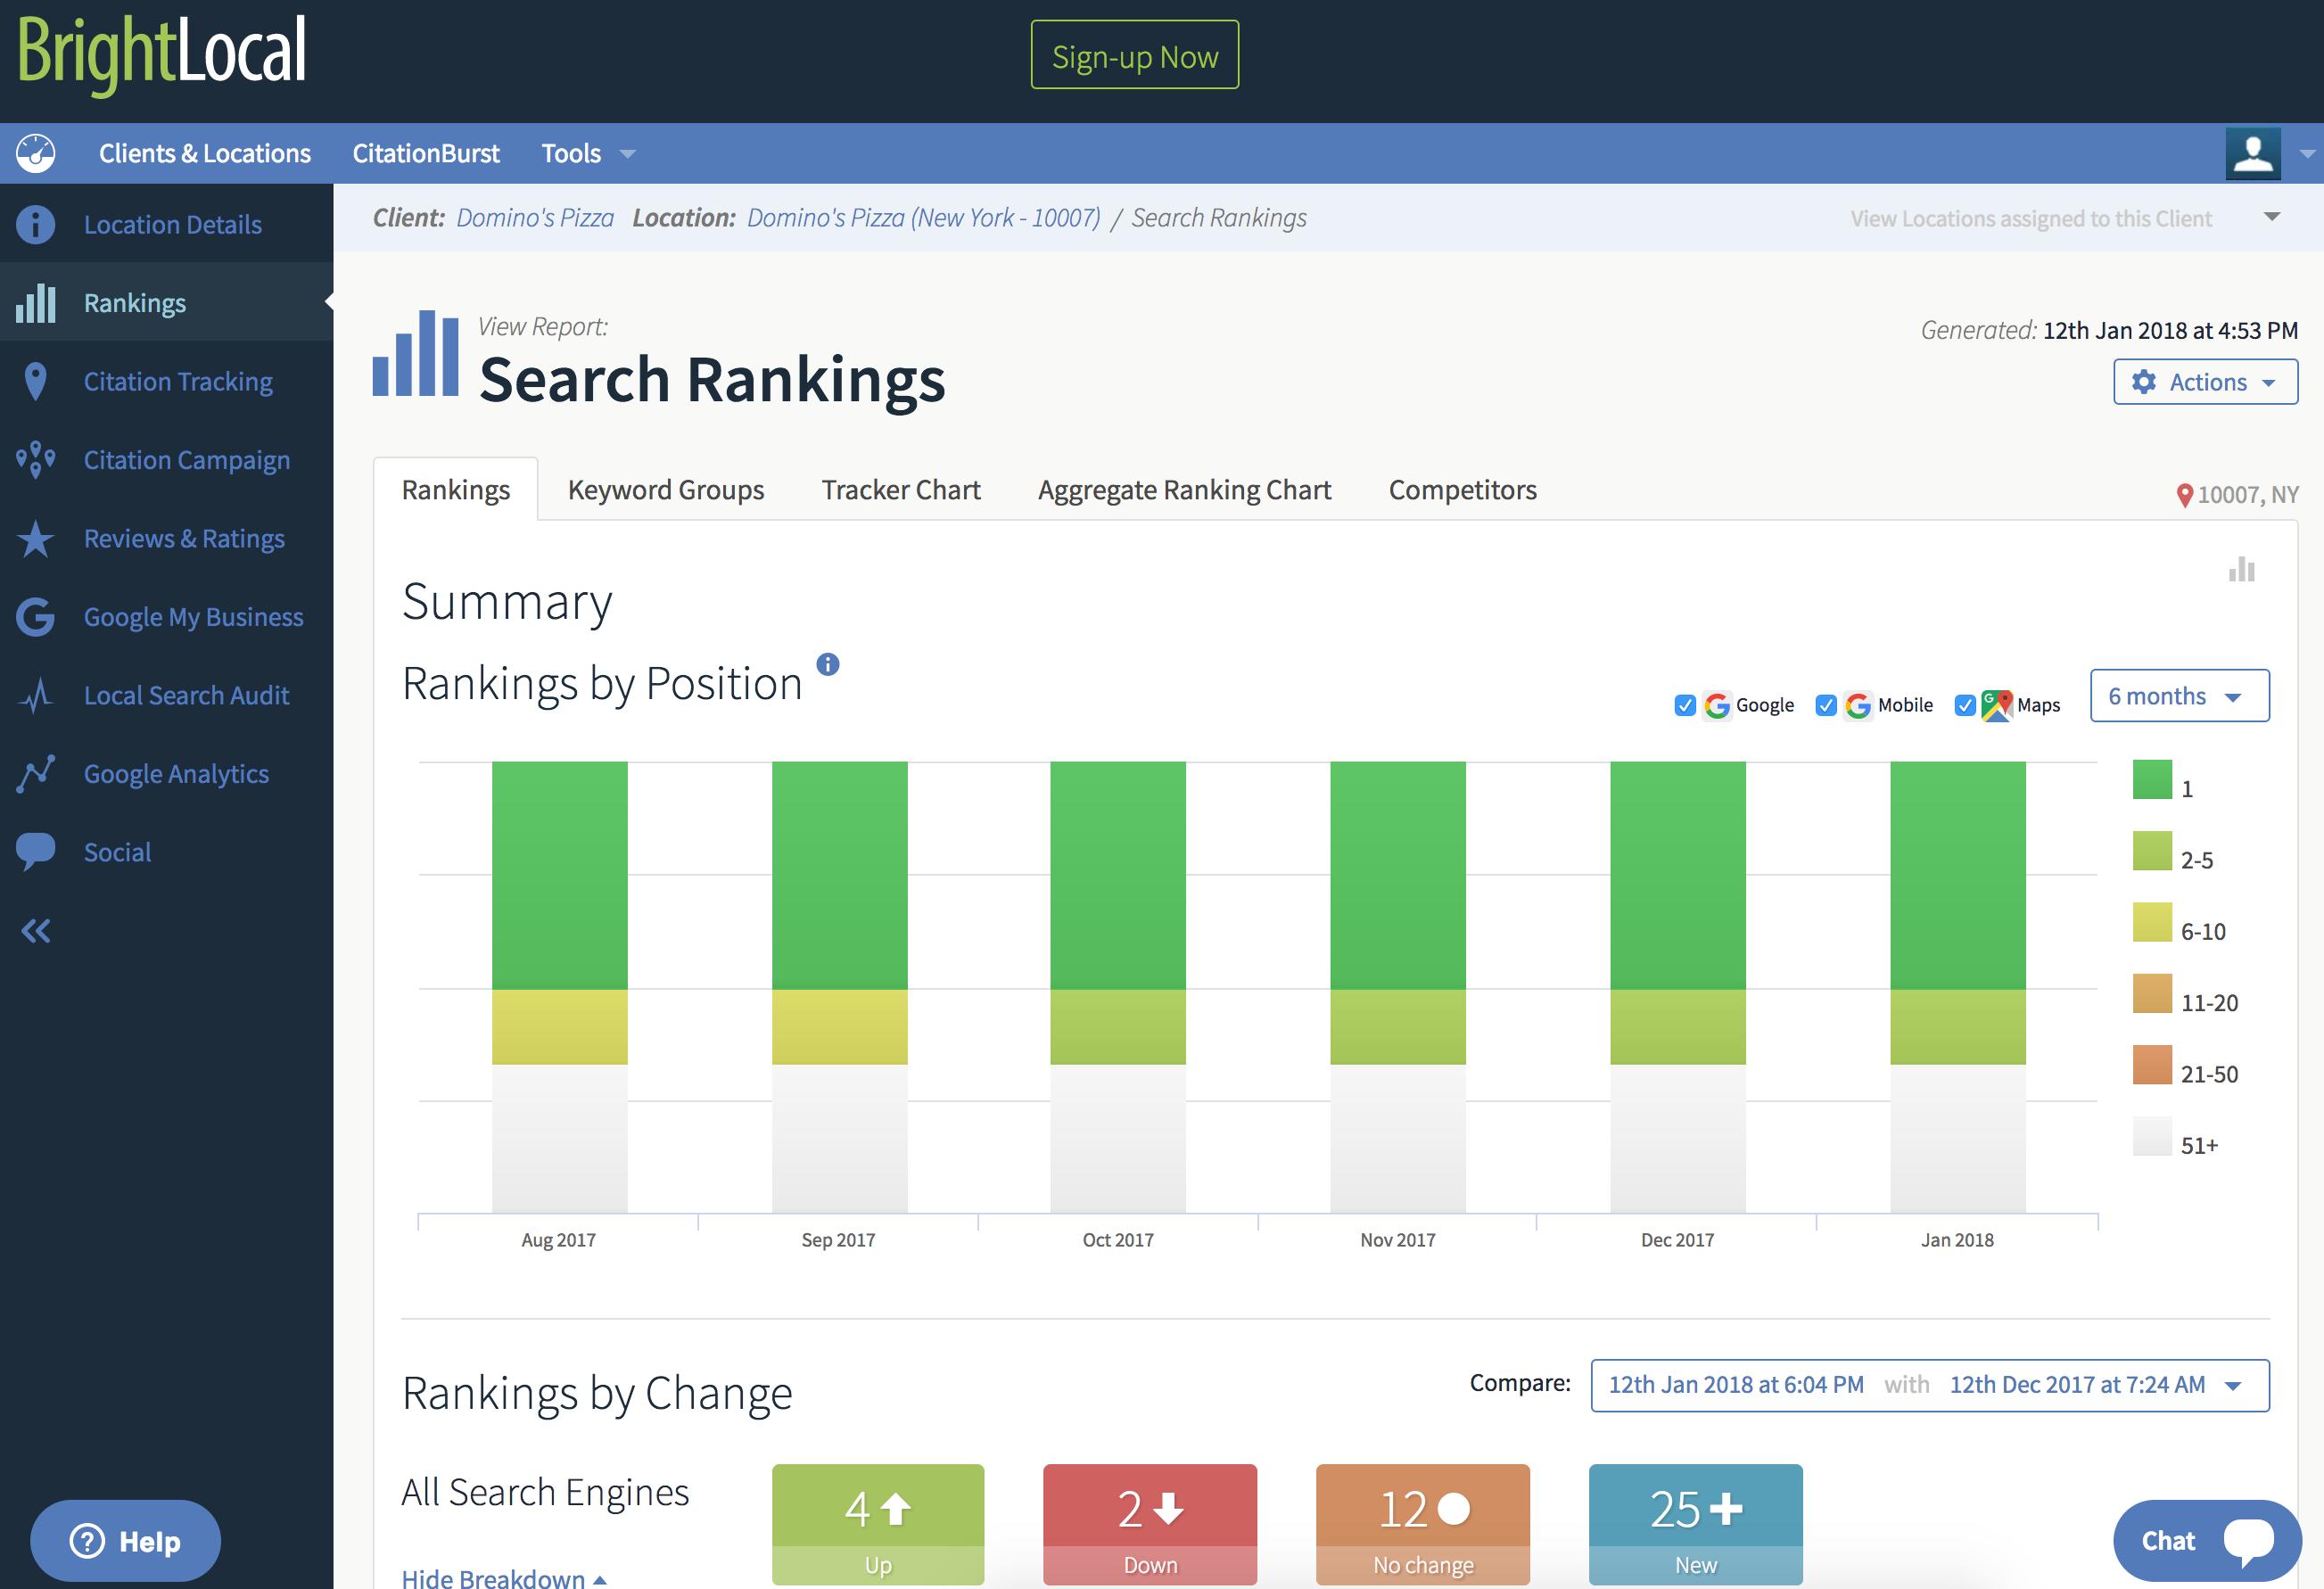 SEO Tools Software Comparison - BrightLocal